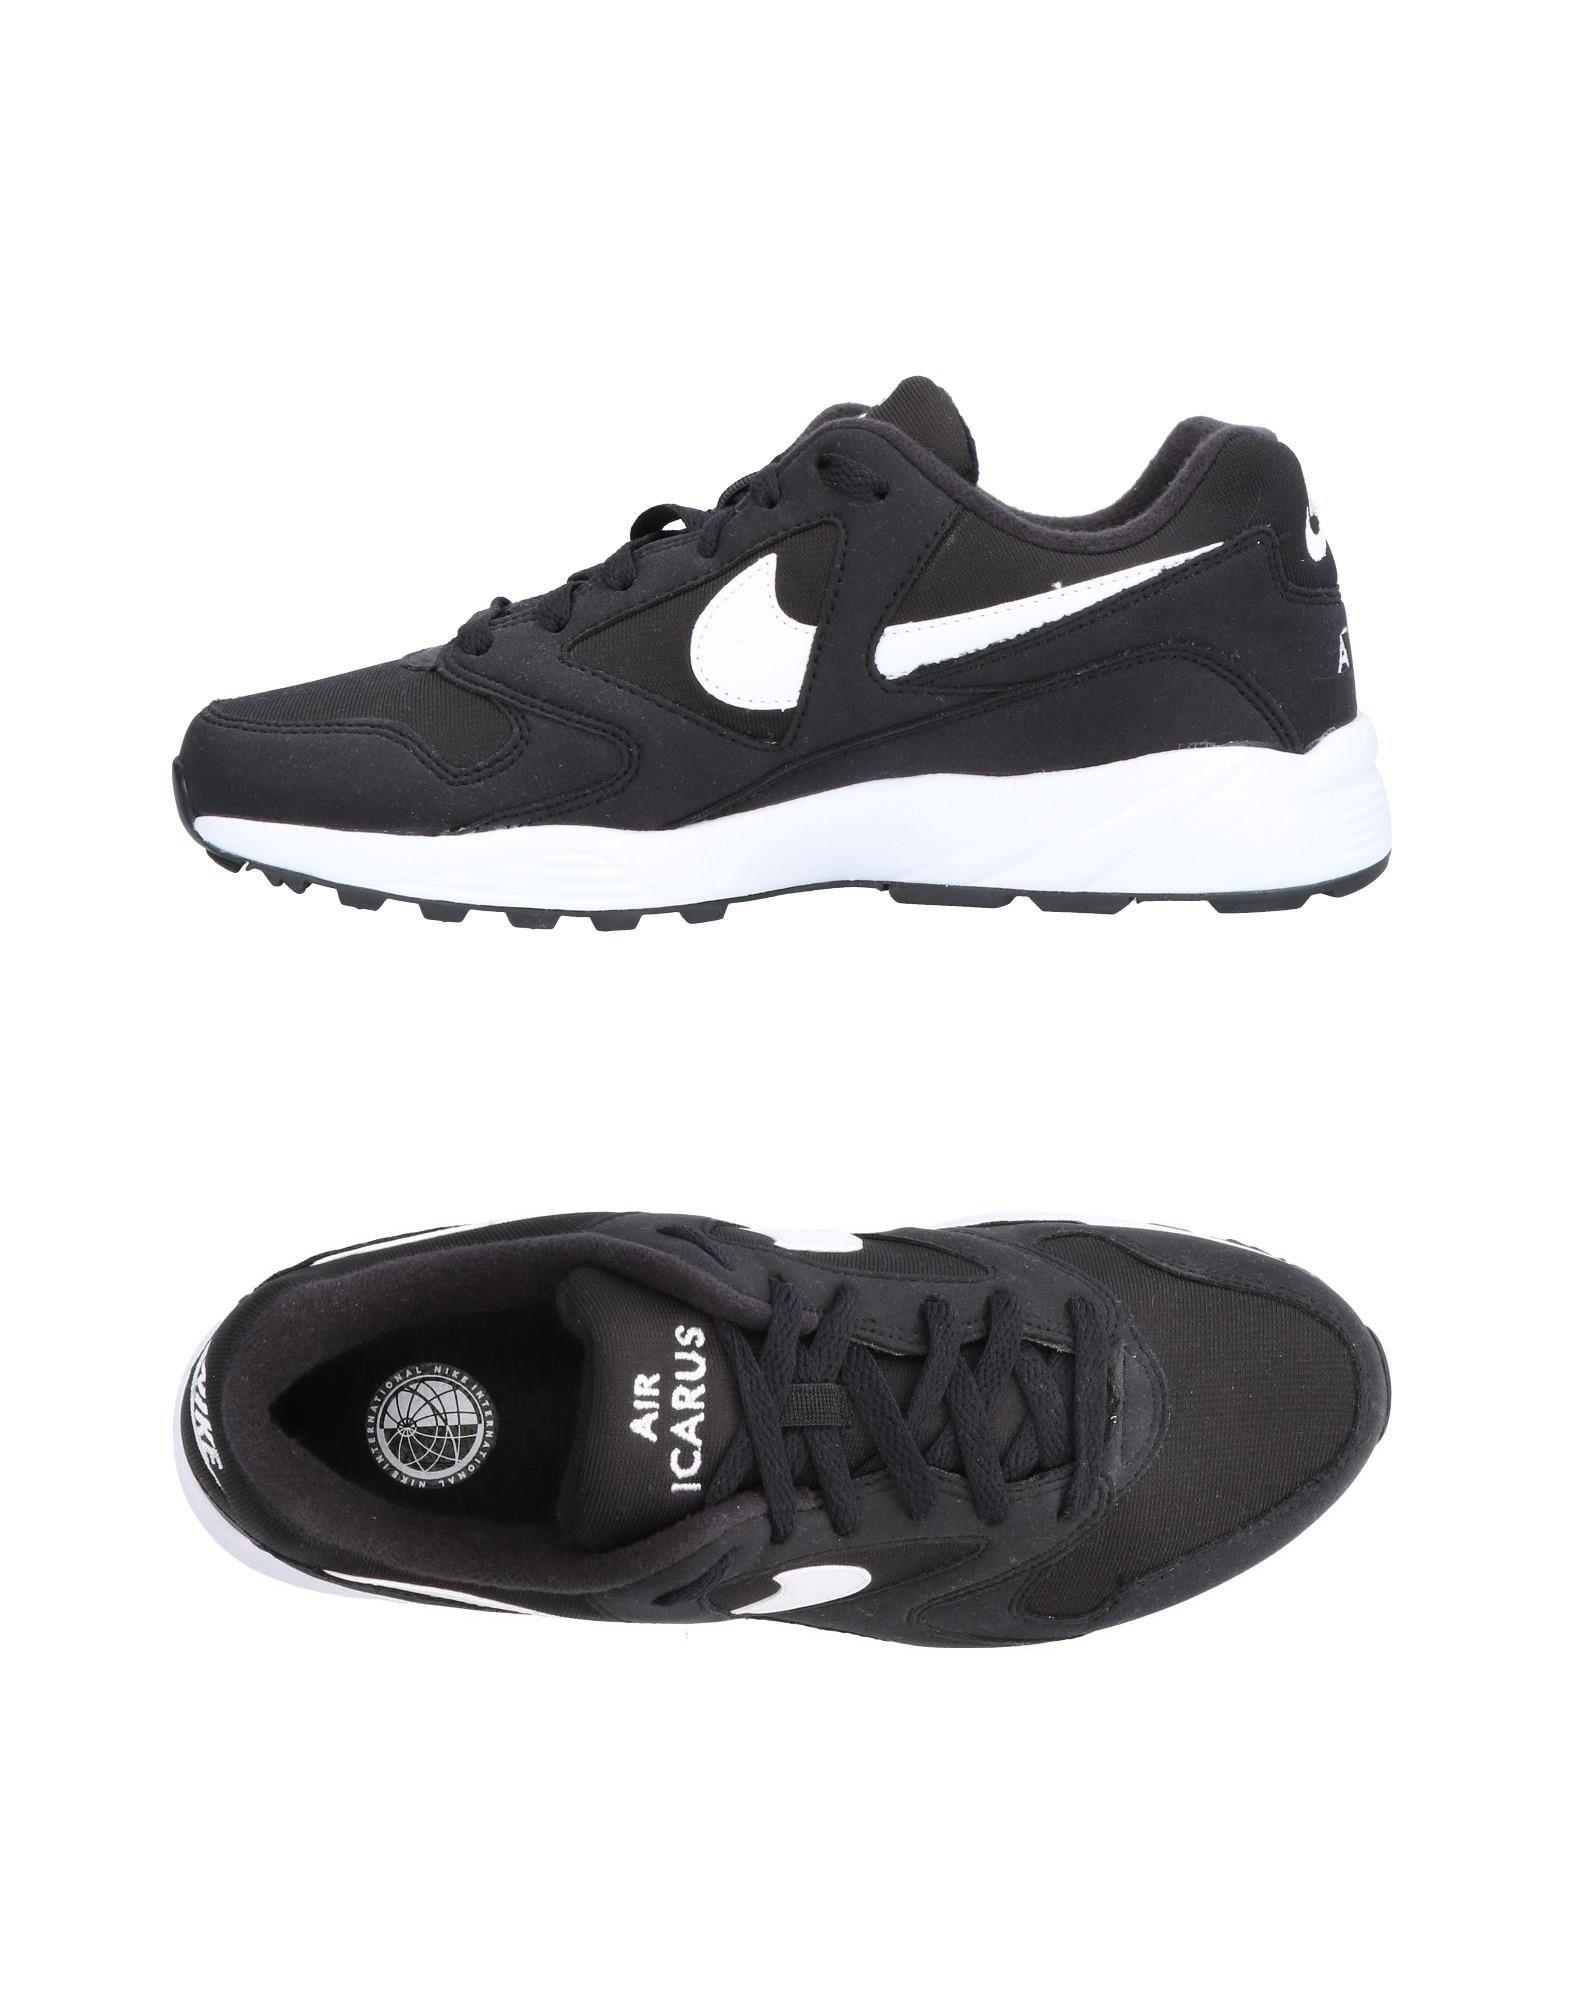 Nike Sneakers Herren Gutes Preis-Leistungs-Verhältnis, es lohnt sich 20982